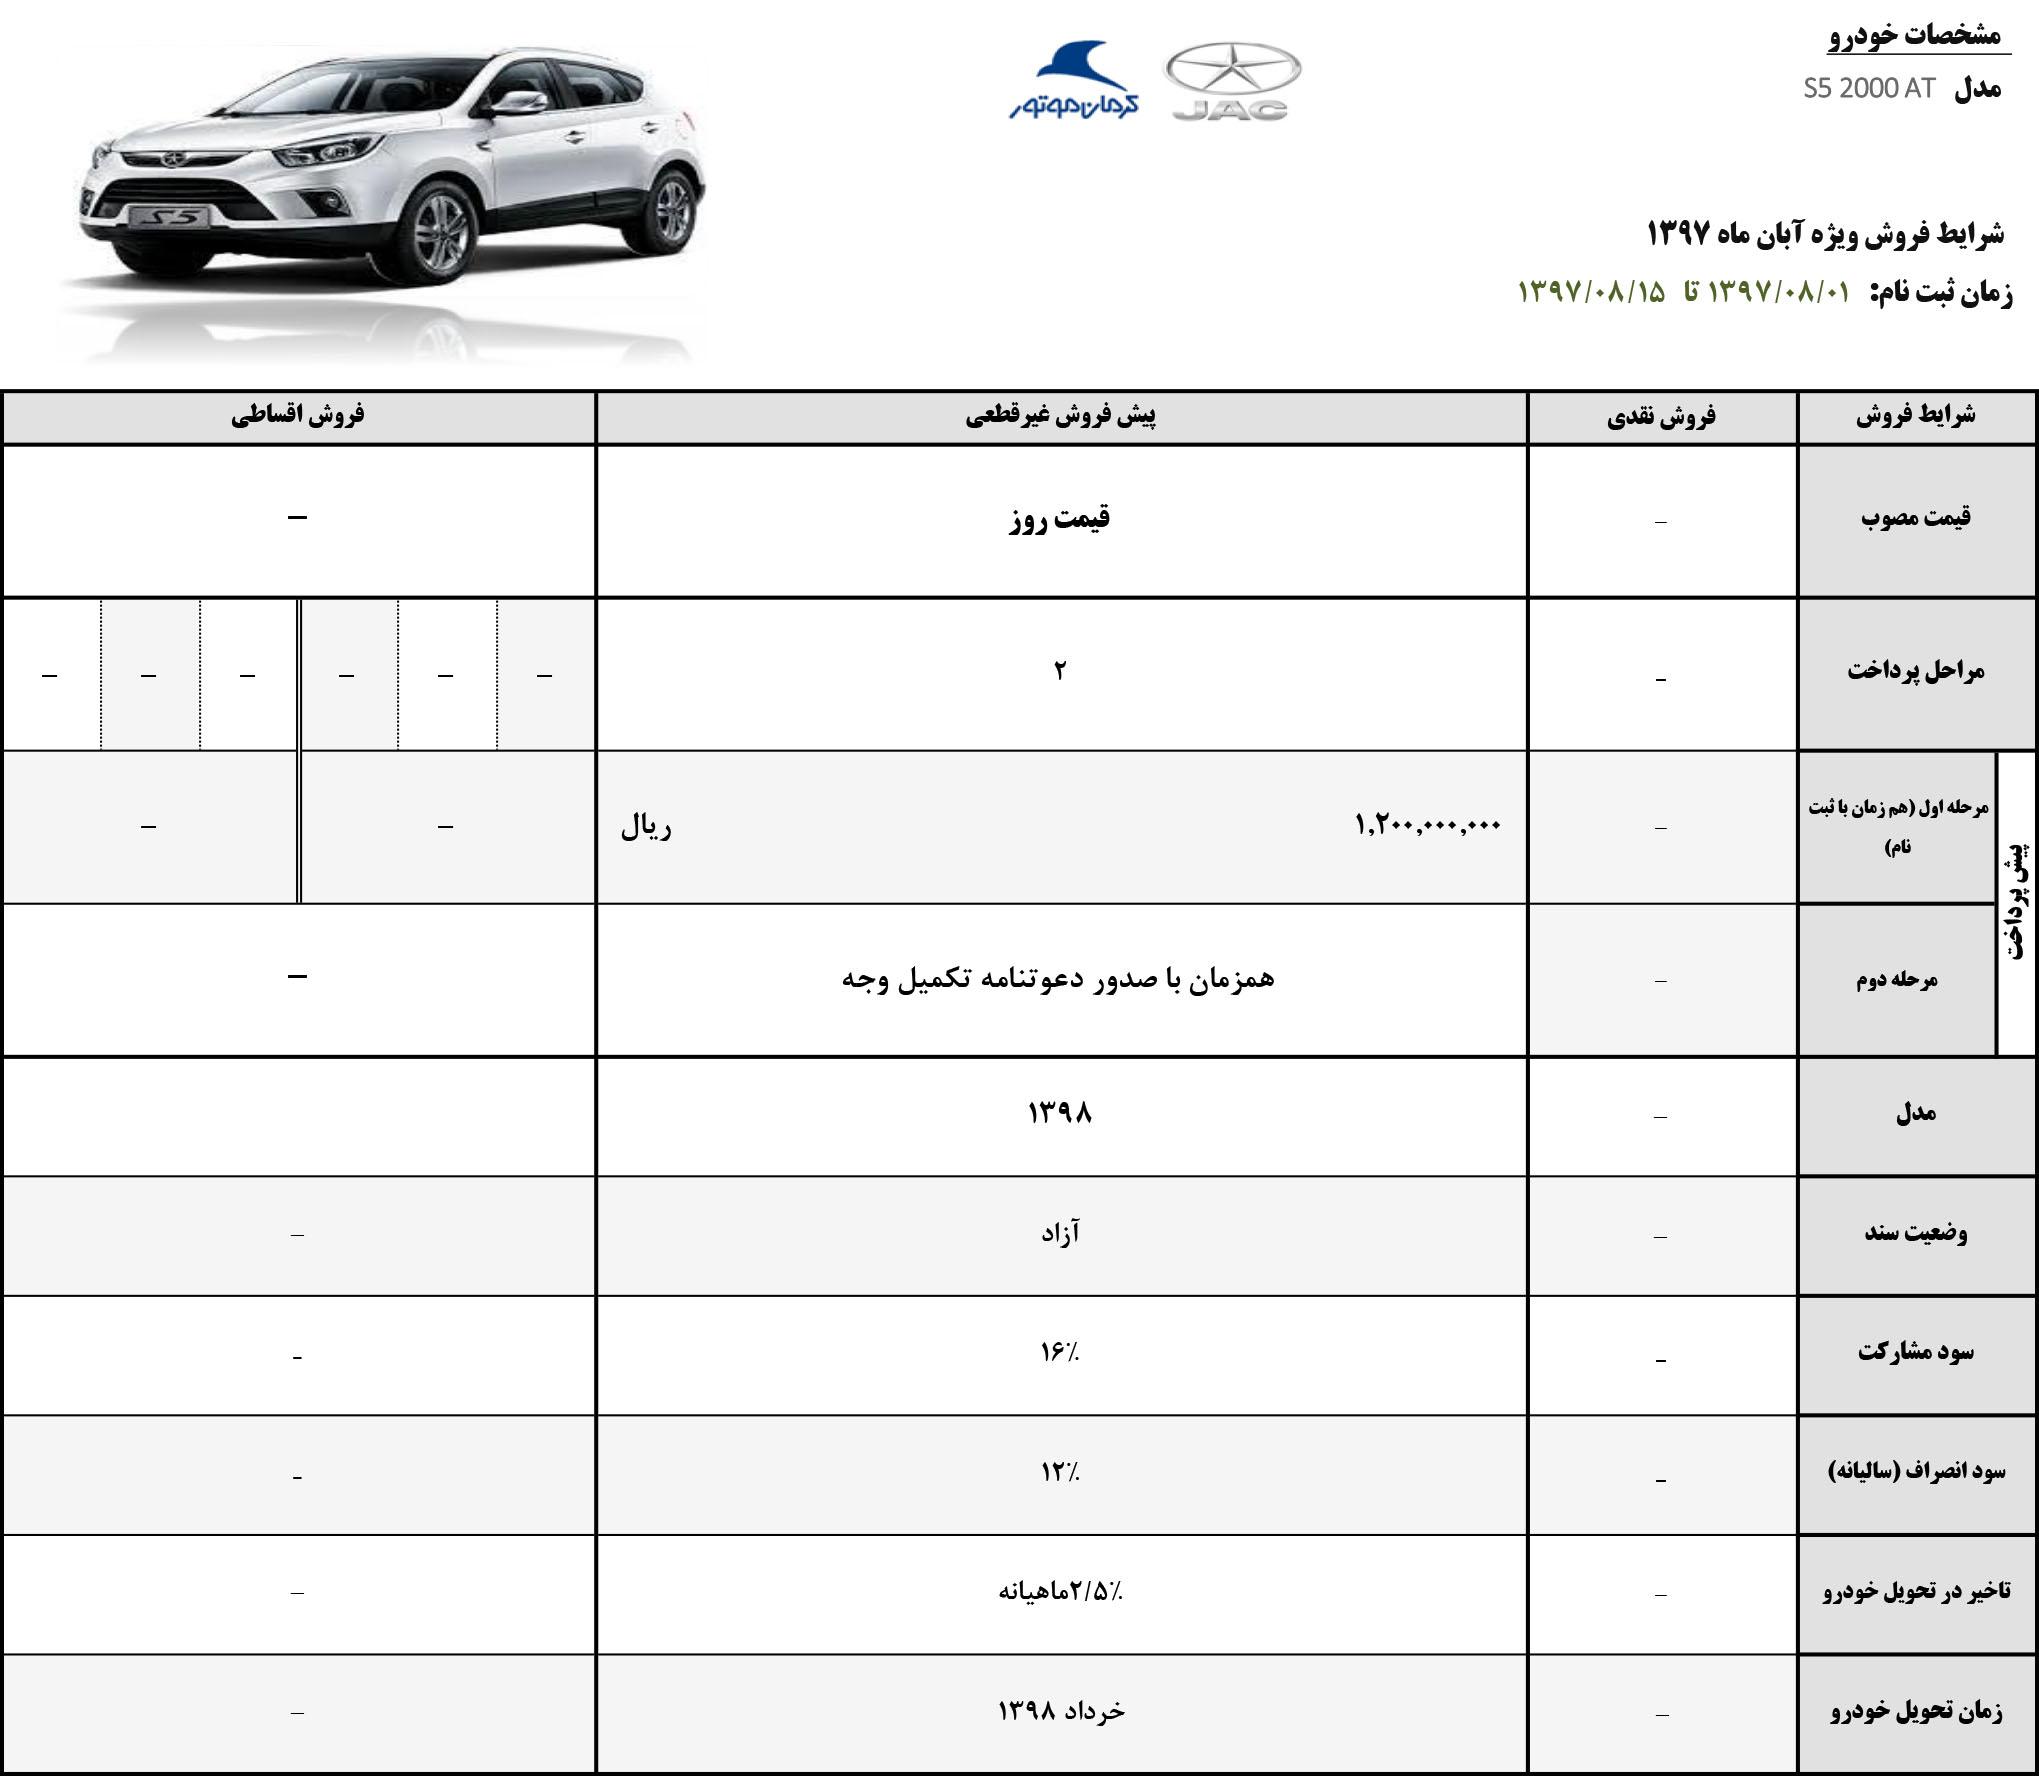 پایگاه خبری آرمان اقتصادی 15+-+Copy اعلام شرایط فروش جدید شاسی بلند کرمان موتور +جزییات